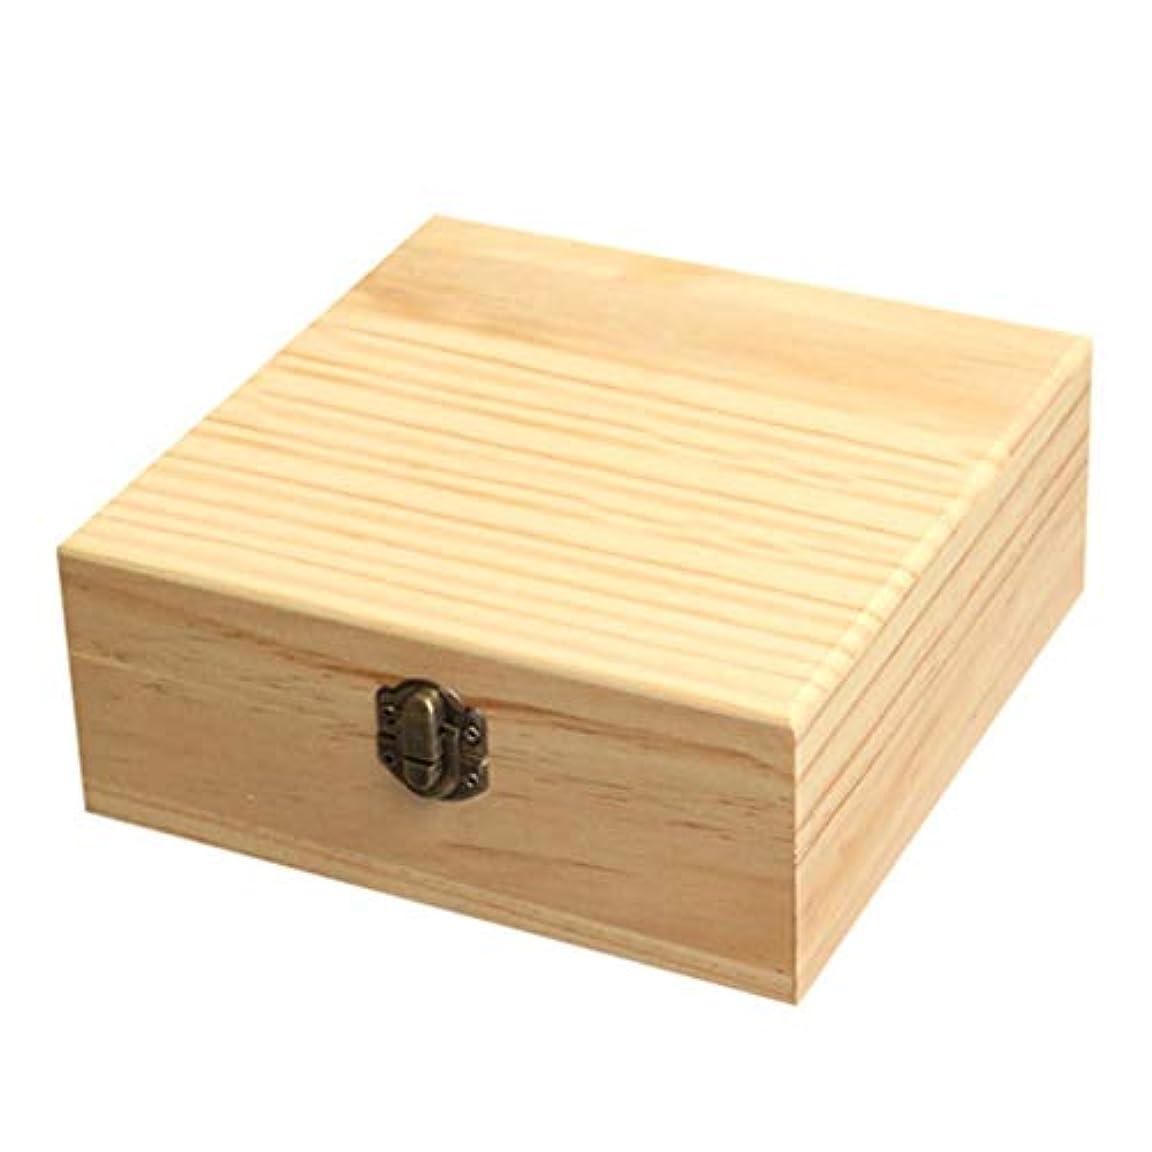 包帯身元老人hopefull エッセンシャルオイル収納ボックス 大容量 和風 レトロ 木製 精油収納 携帯便利 オイルボックス 飾り物 25本用 for